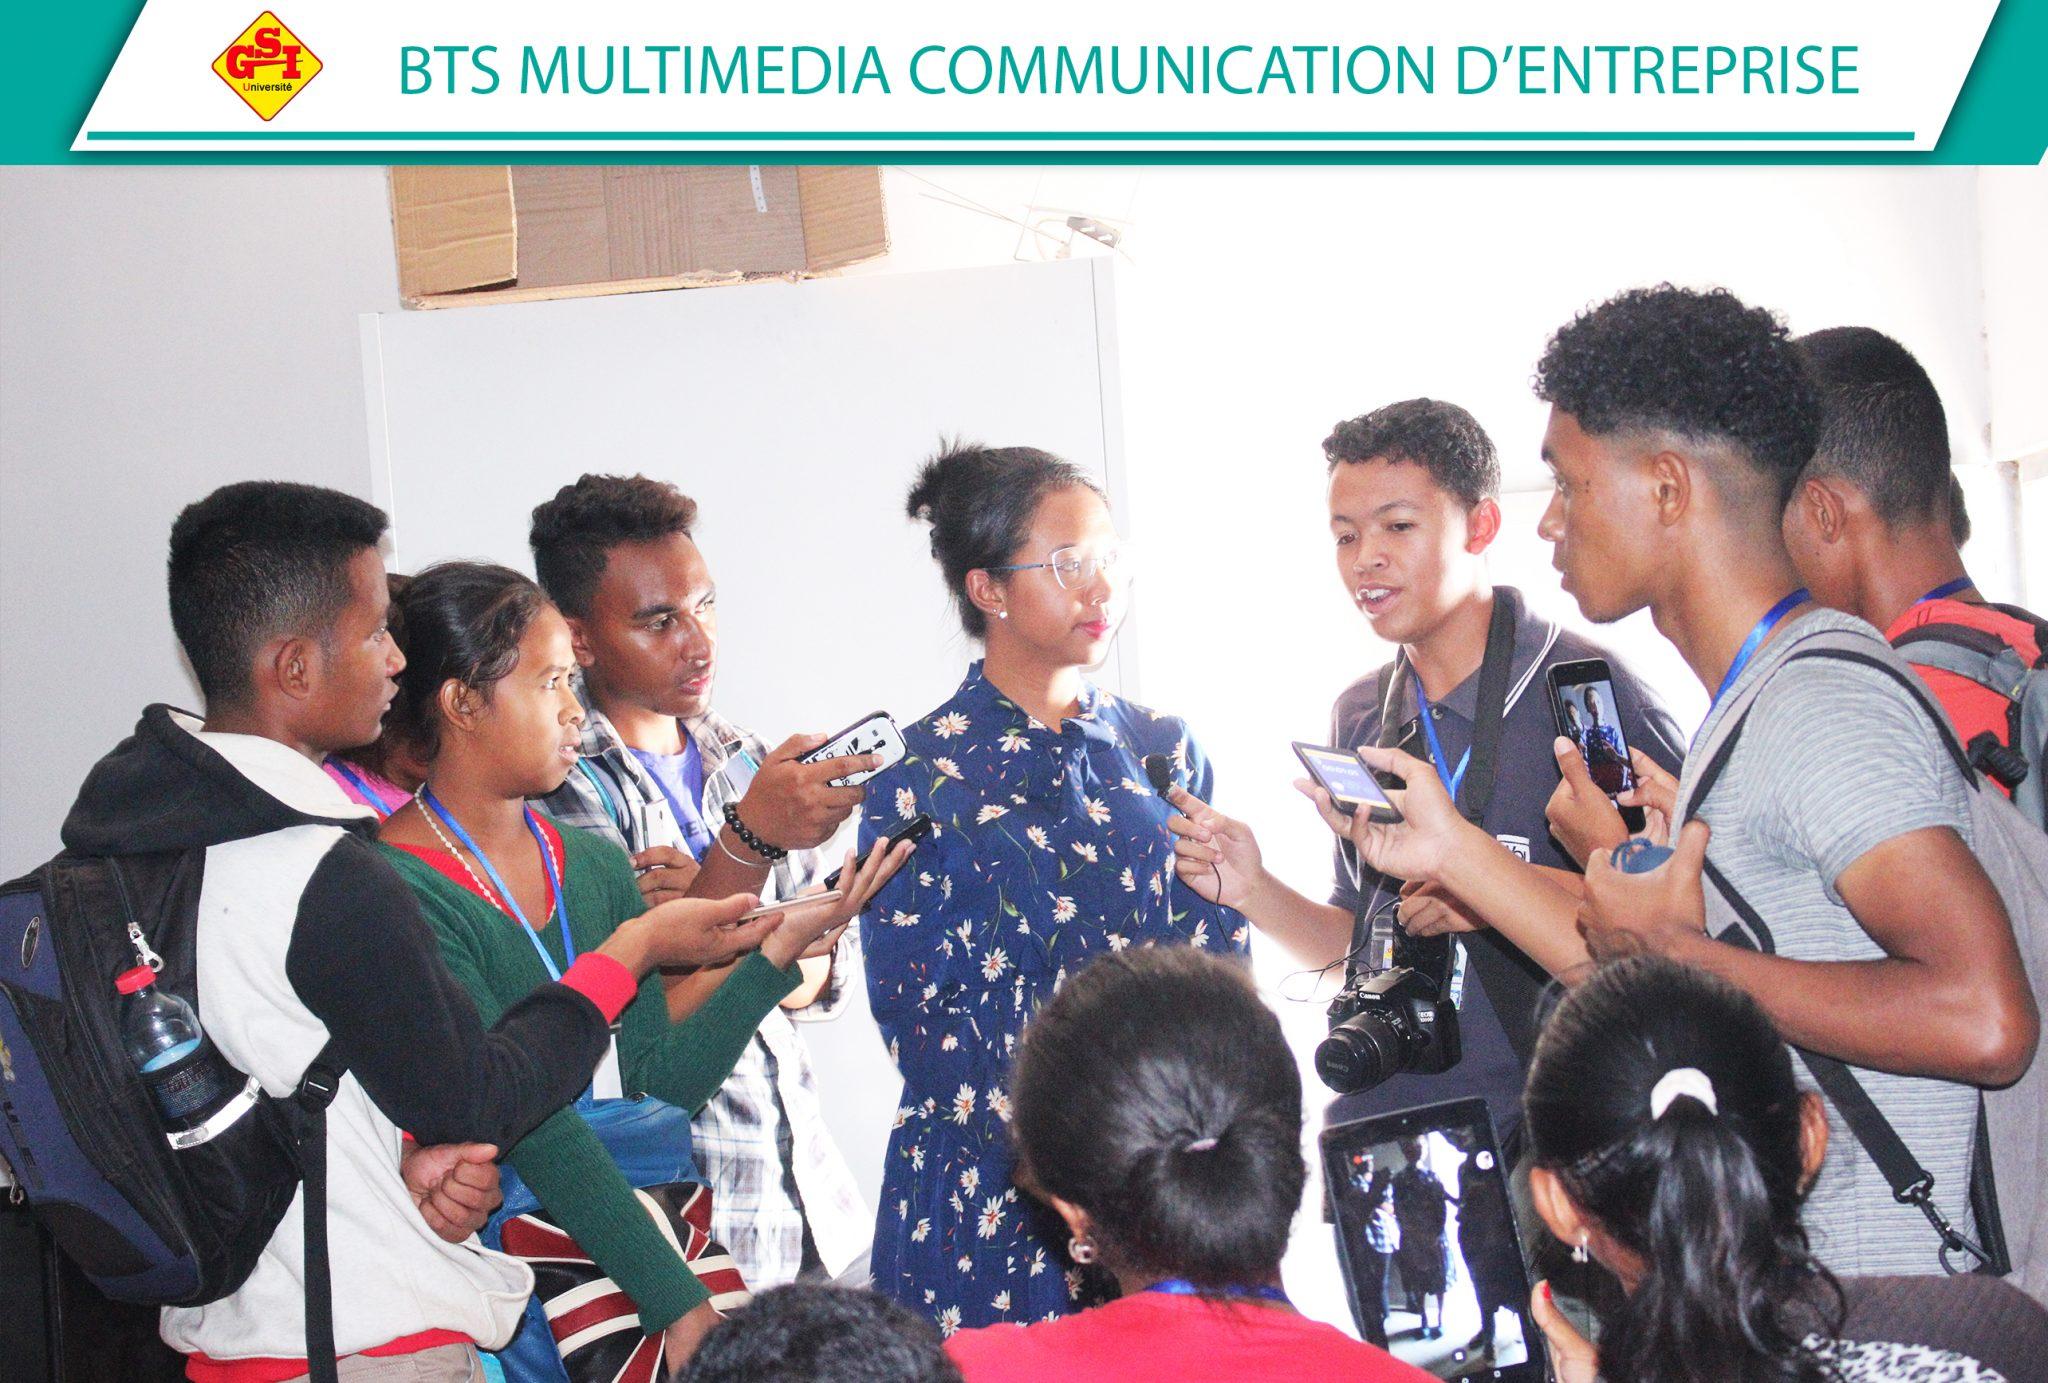 BTS MULTIMEDIA COMMUNICATION D'ENTREPRISE